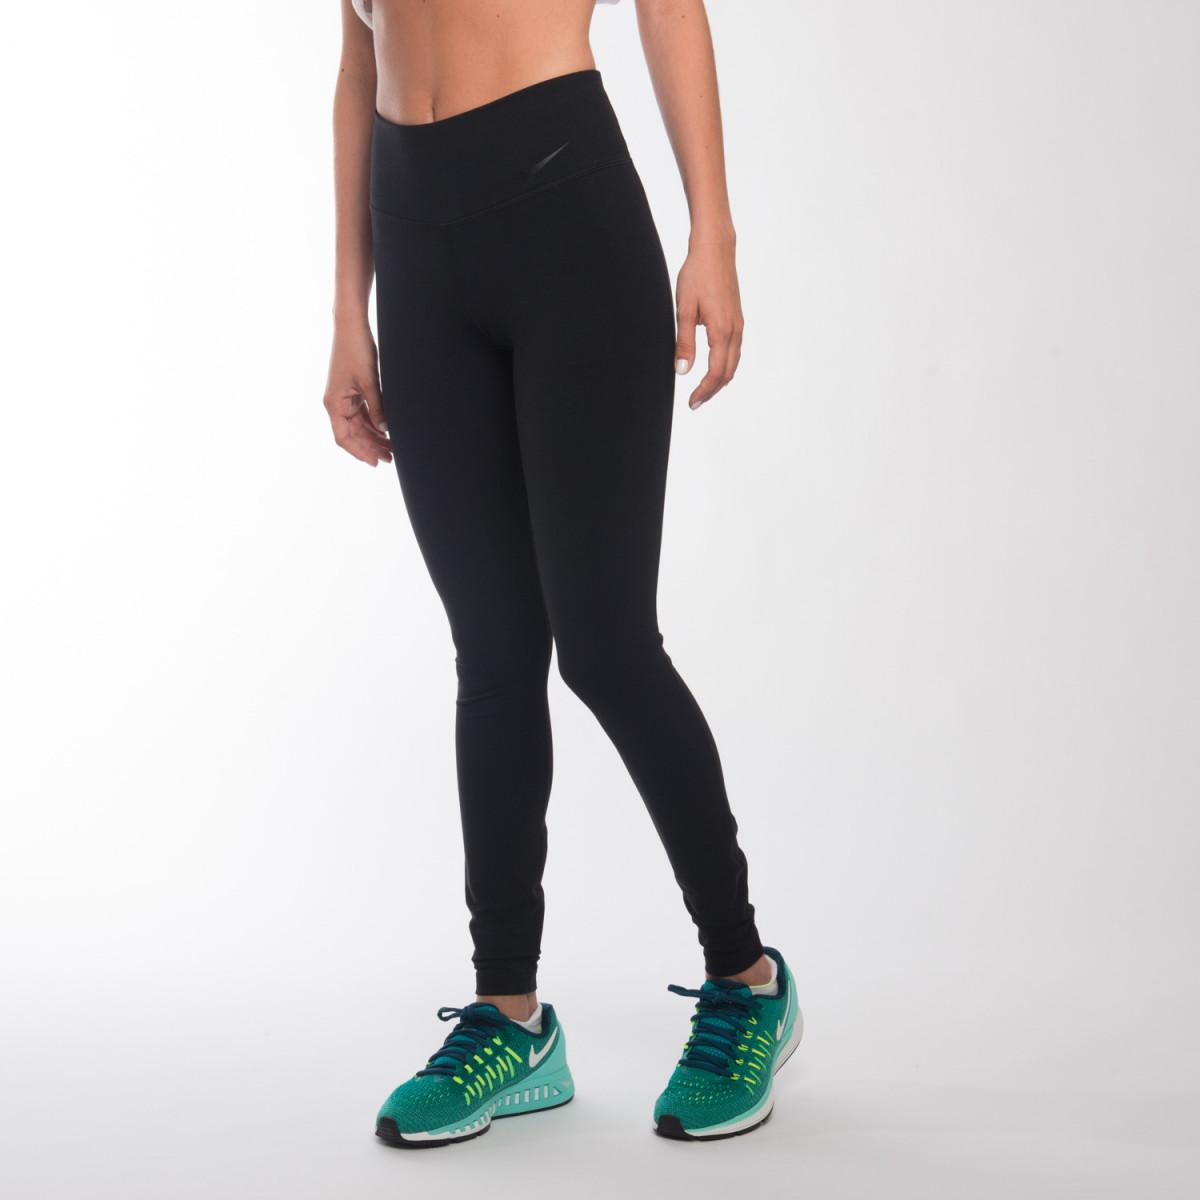 Calza Nike Legendary